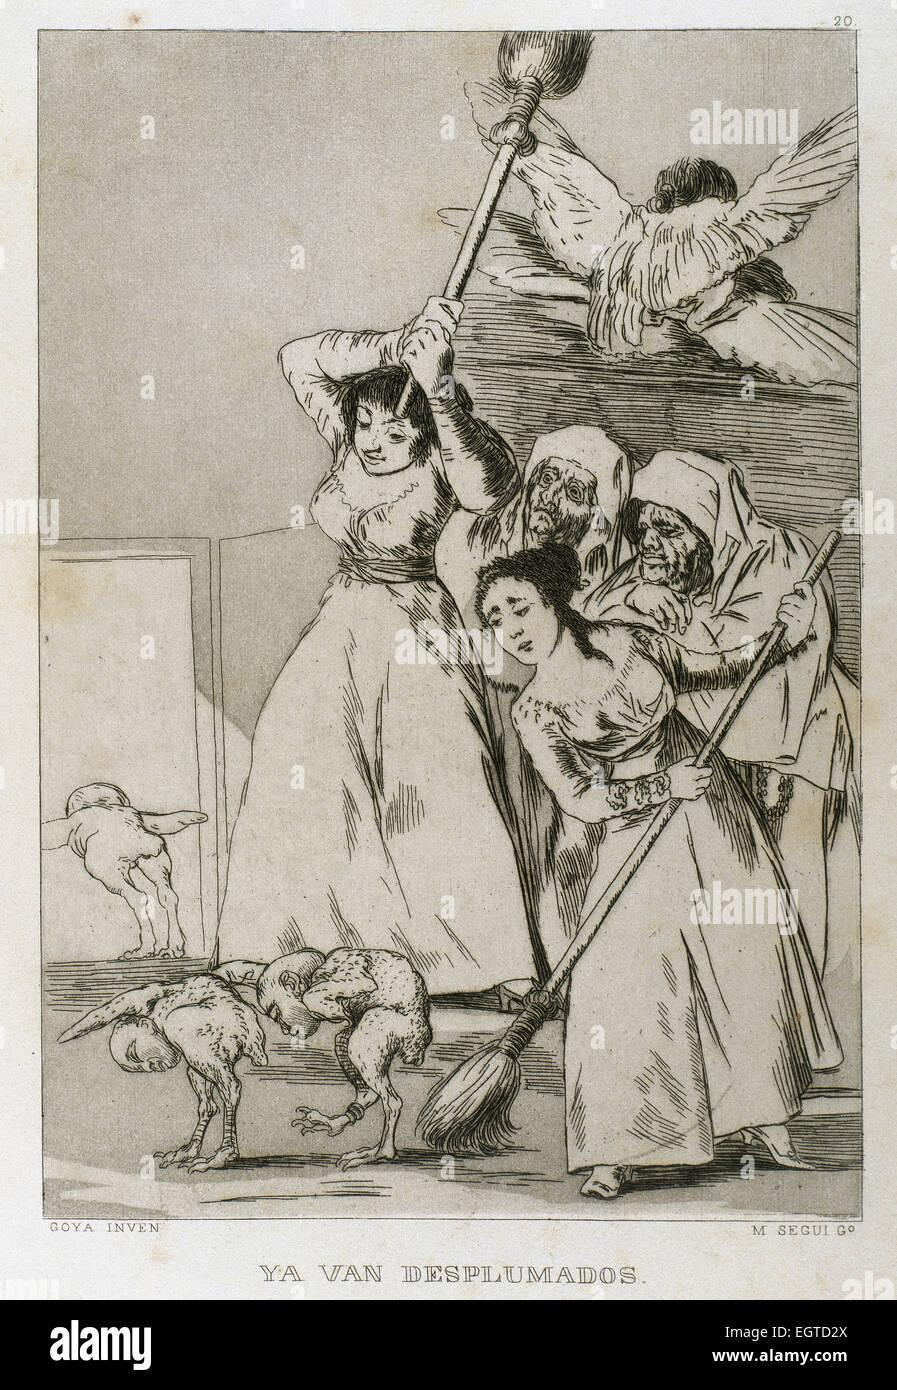 Francisco Goya (1746-1828). De caprices. 20 de la plaque. Il n'y ils vont arrachés. Musée du Prado. Photo Stock